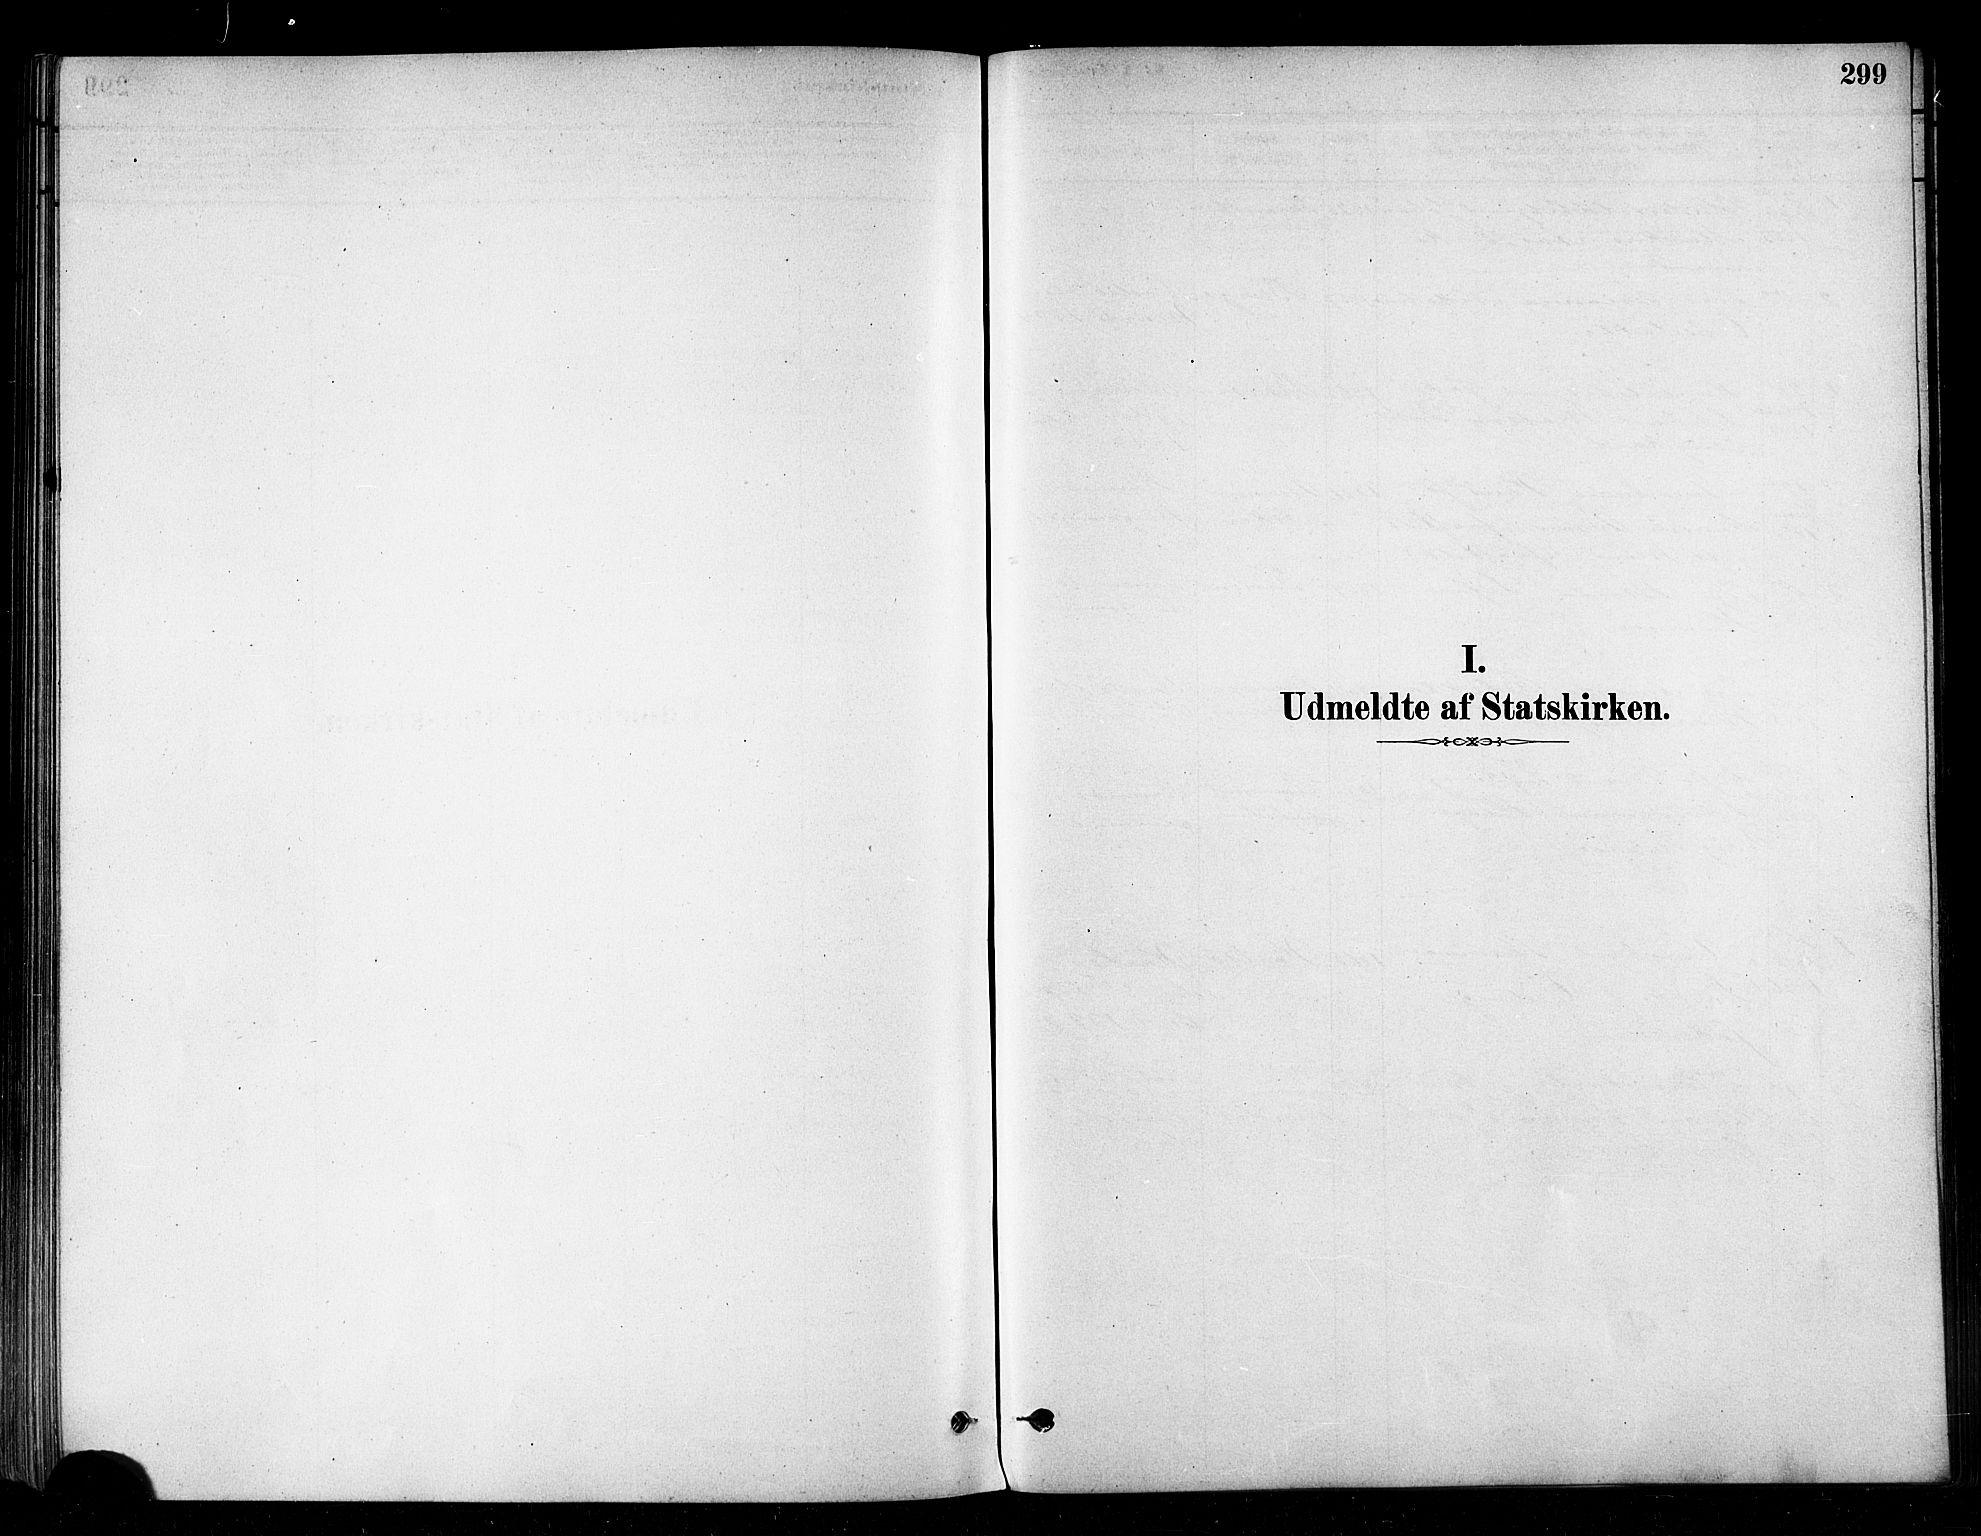 SATØ, Vardø sokneprestkontor, H/Ha/L0006kirke: Ministerialbok nr. 6, 1879-1886, s. 299